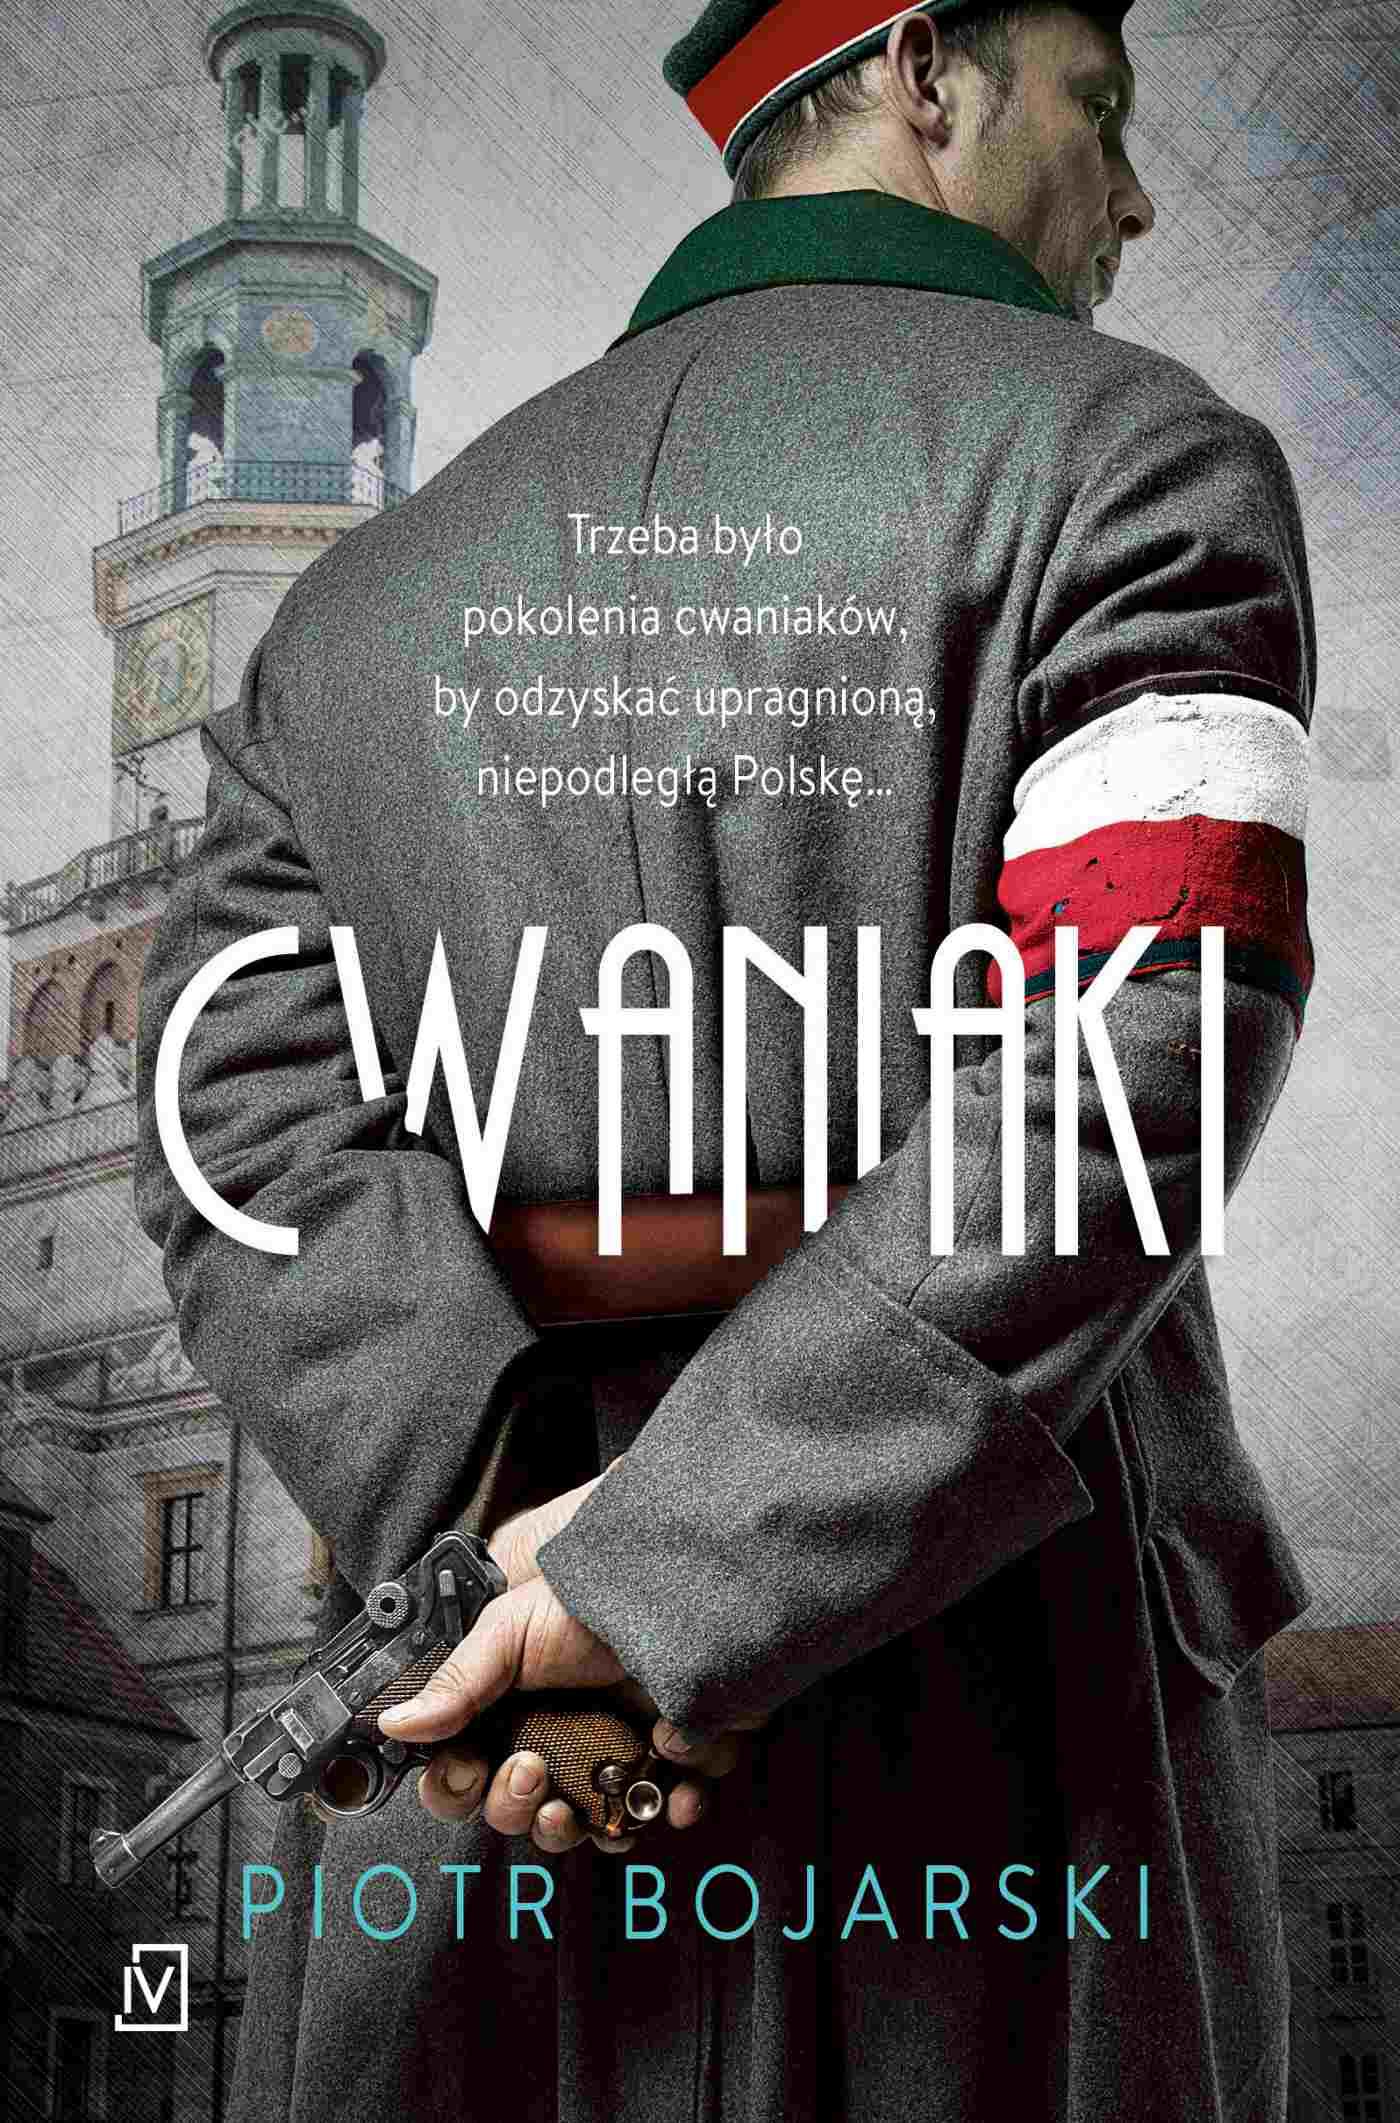 Cwaniaki - Ebook (Książka na Kindle) do pobrania w formacie MOBI